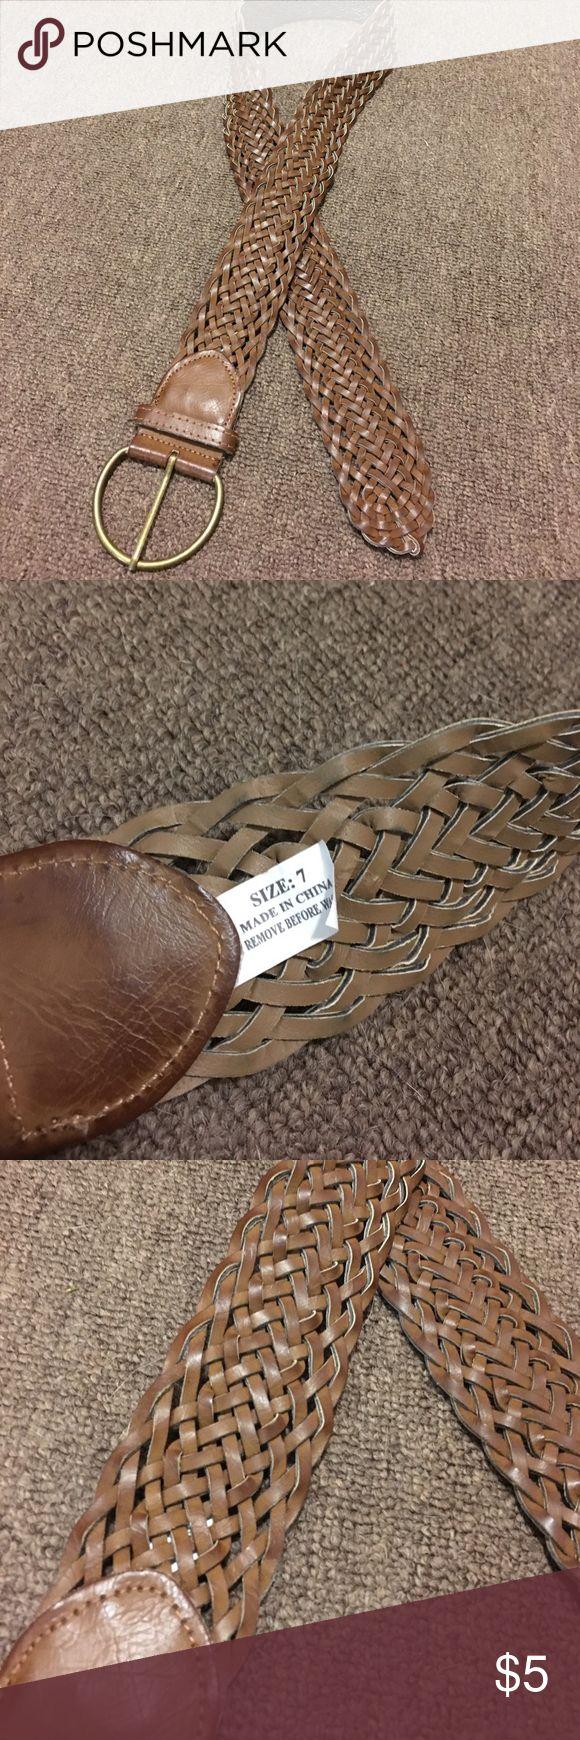 Brown braided belt Size 7 brown braided belt Accessories Belts